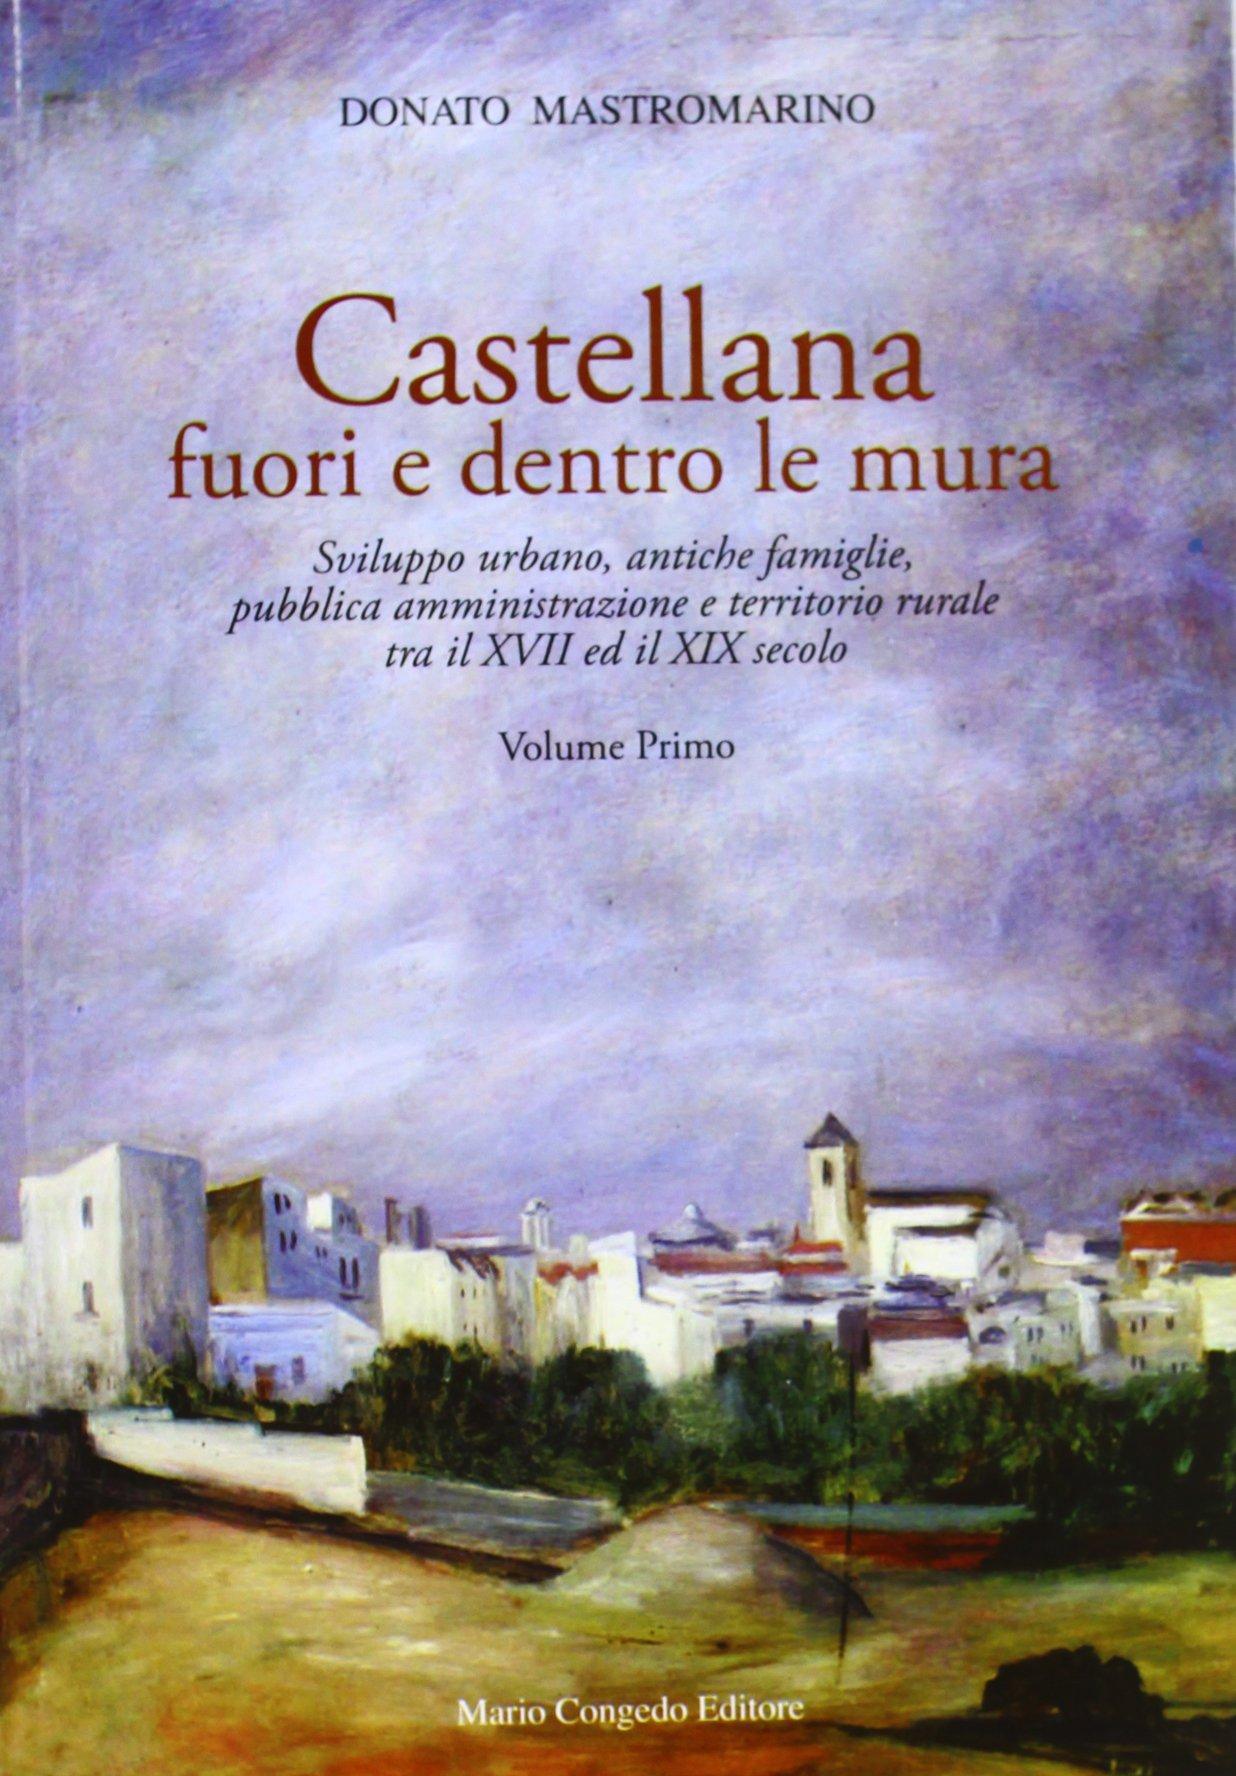 Read Online Castellana fuori e dentro le mura. Sviluppo urbano, antiche famiglie, pubblica amministrazione e territorio rurale tra il XVII ed il XIX secolo vol. 1 ebook